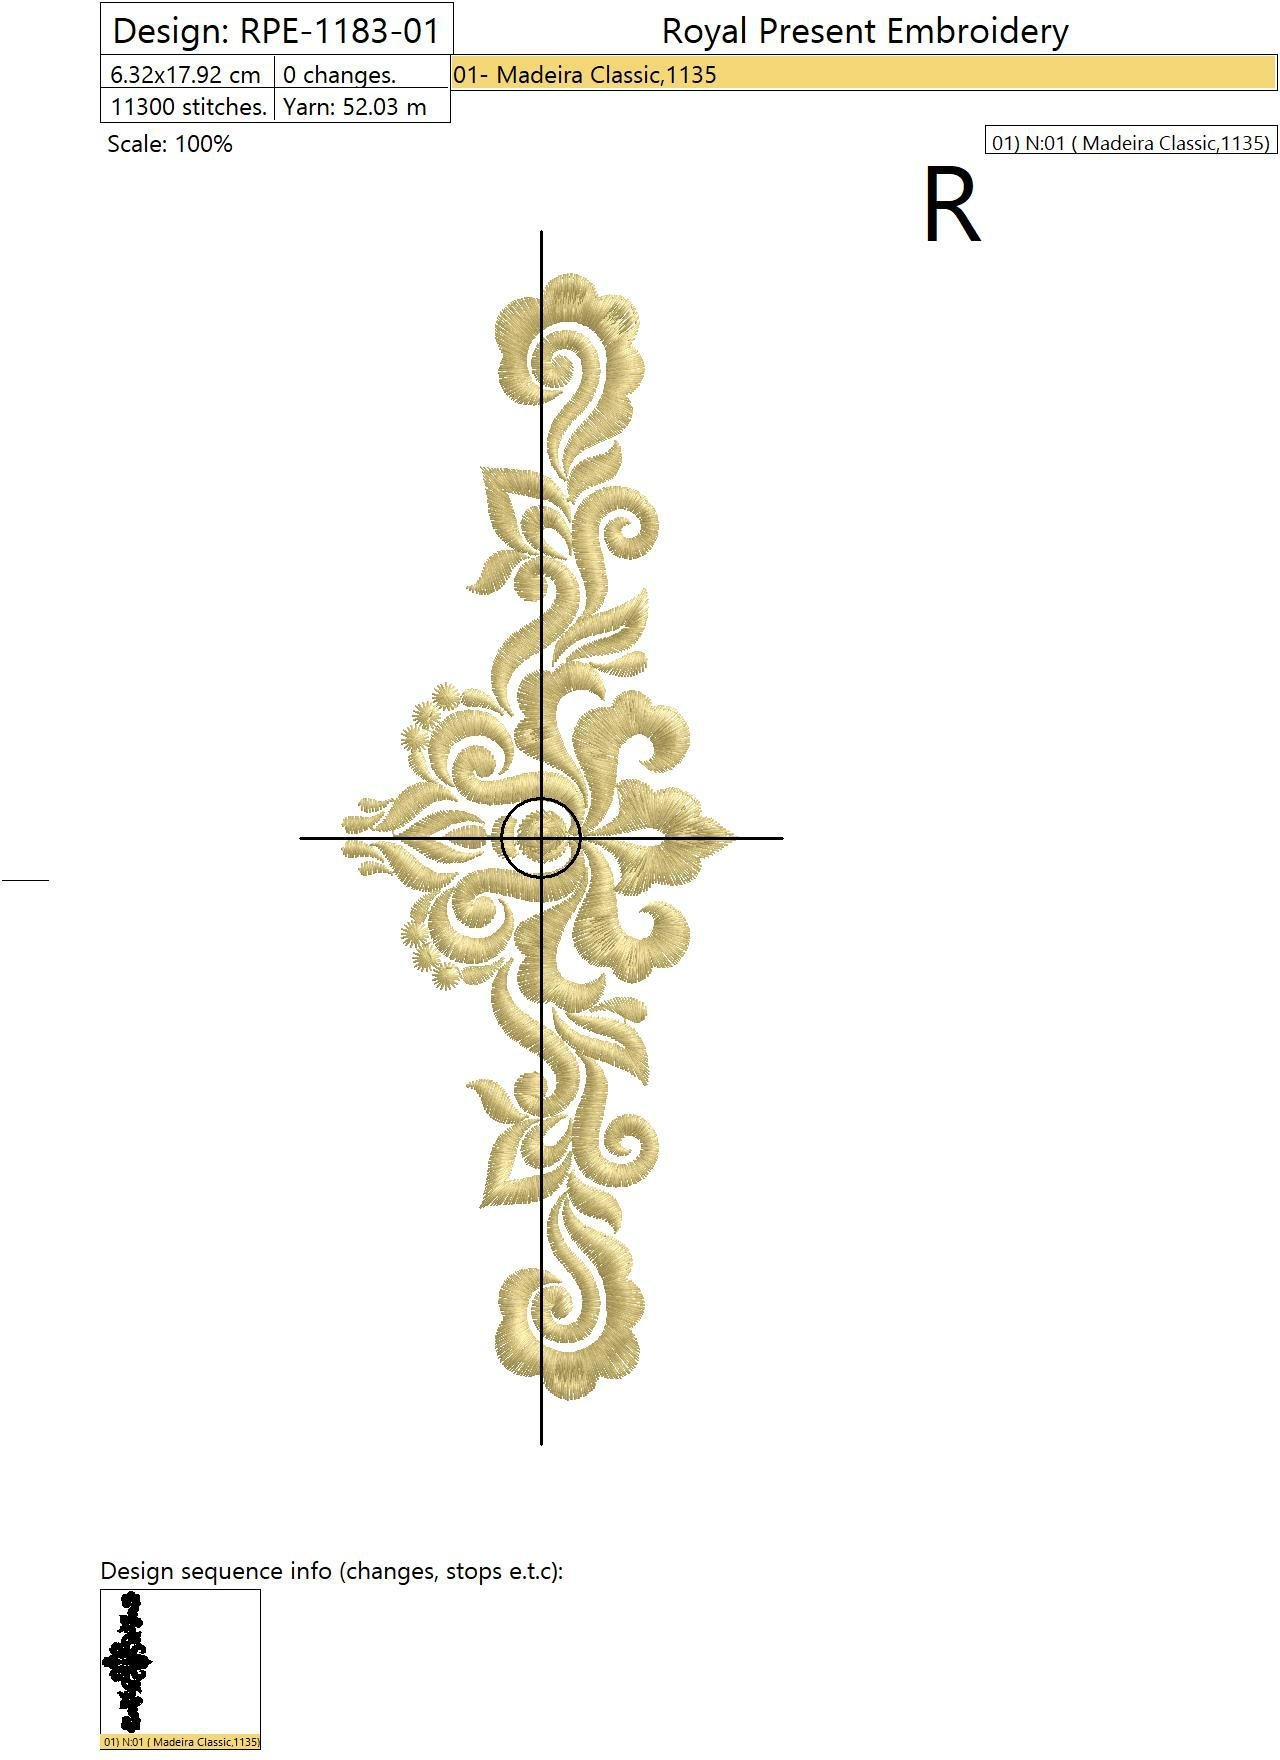 Дизайн машинной вышивки Абстрактный Элегантный декор - 3 размера